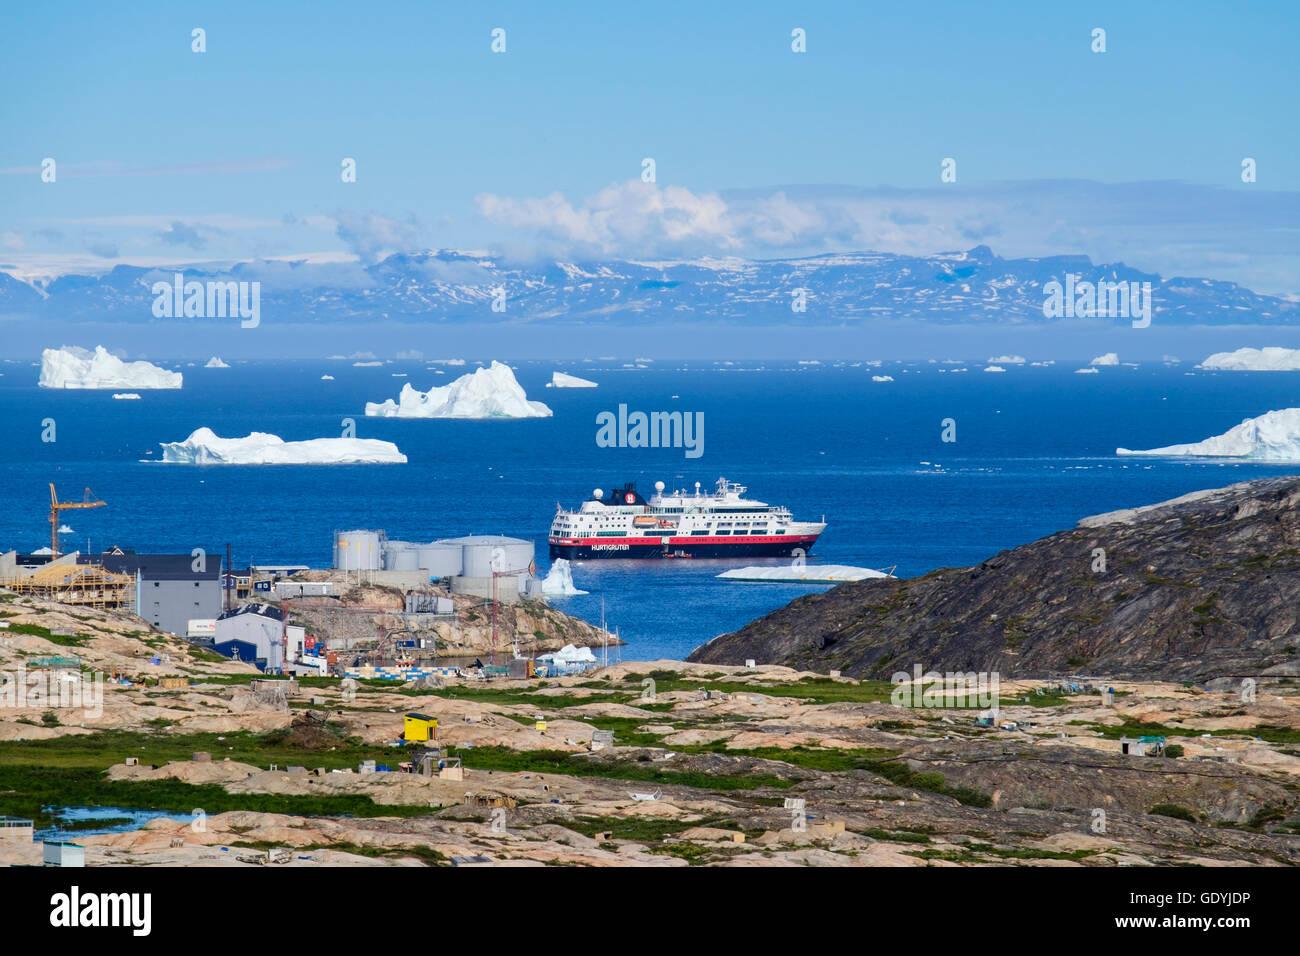 Vue sur Ville chien de croisière Hurtigruten MS Fram navire amarré au large entre les icebergs dans la baie de Disko, sur la côte ouest de l'Arctique. Groenland Ilulissat Banque D'Images